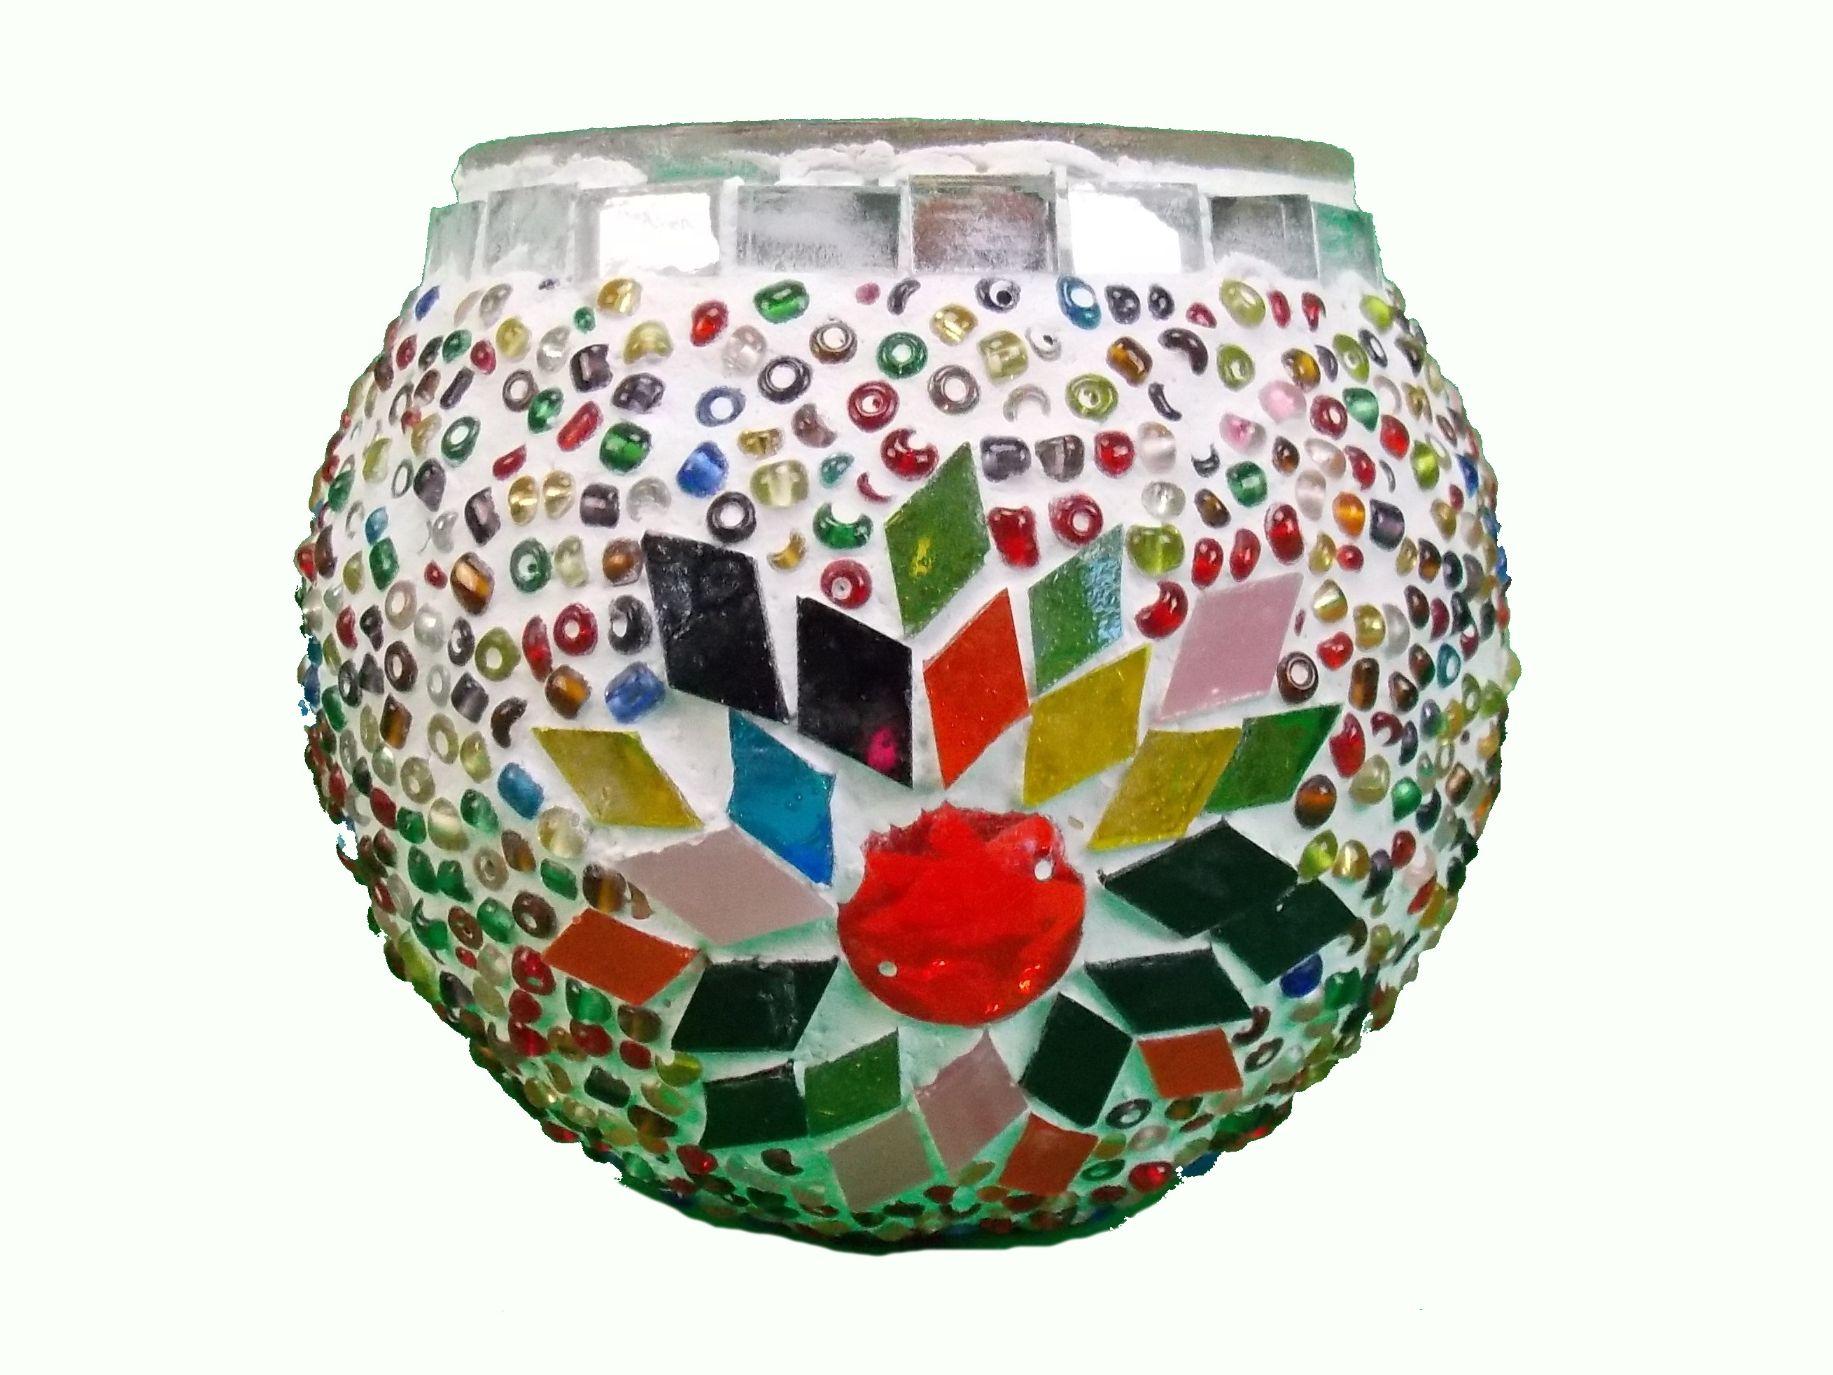 Candela mozaic 9cm